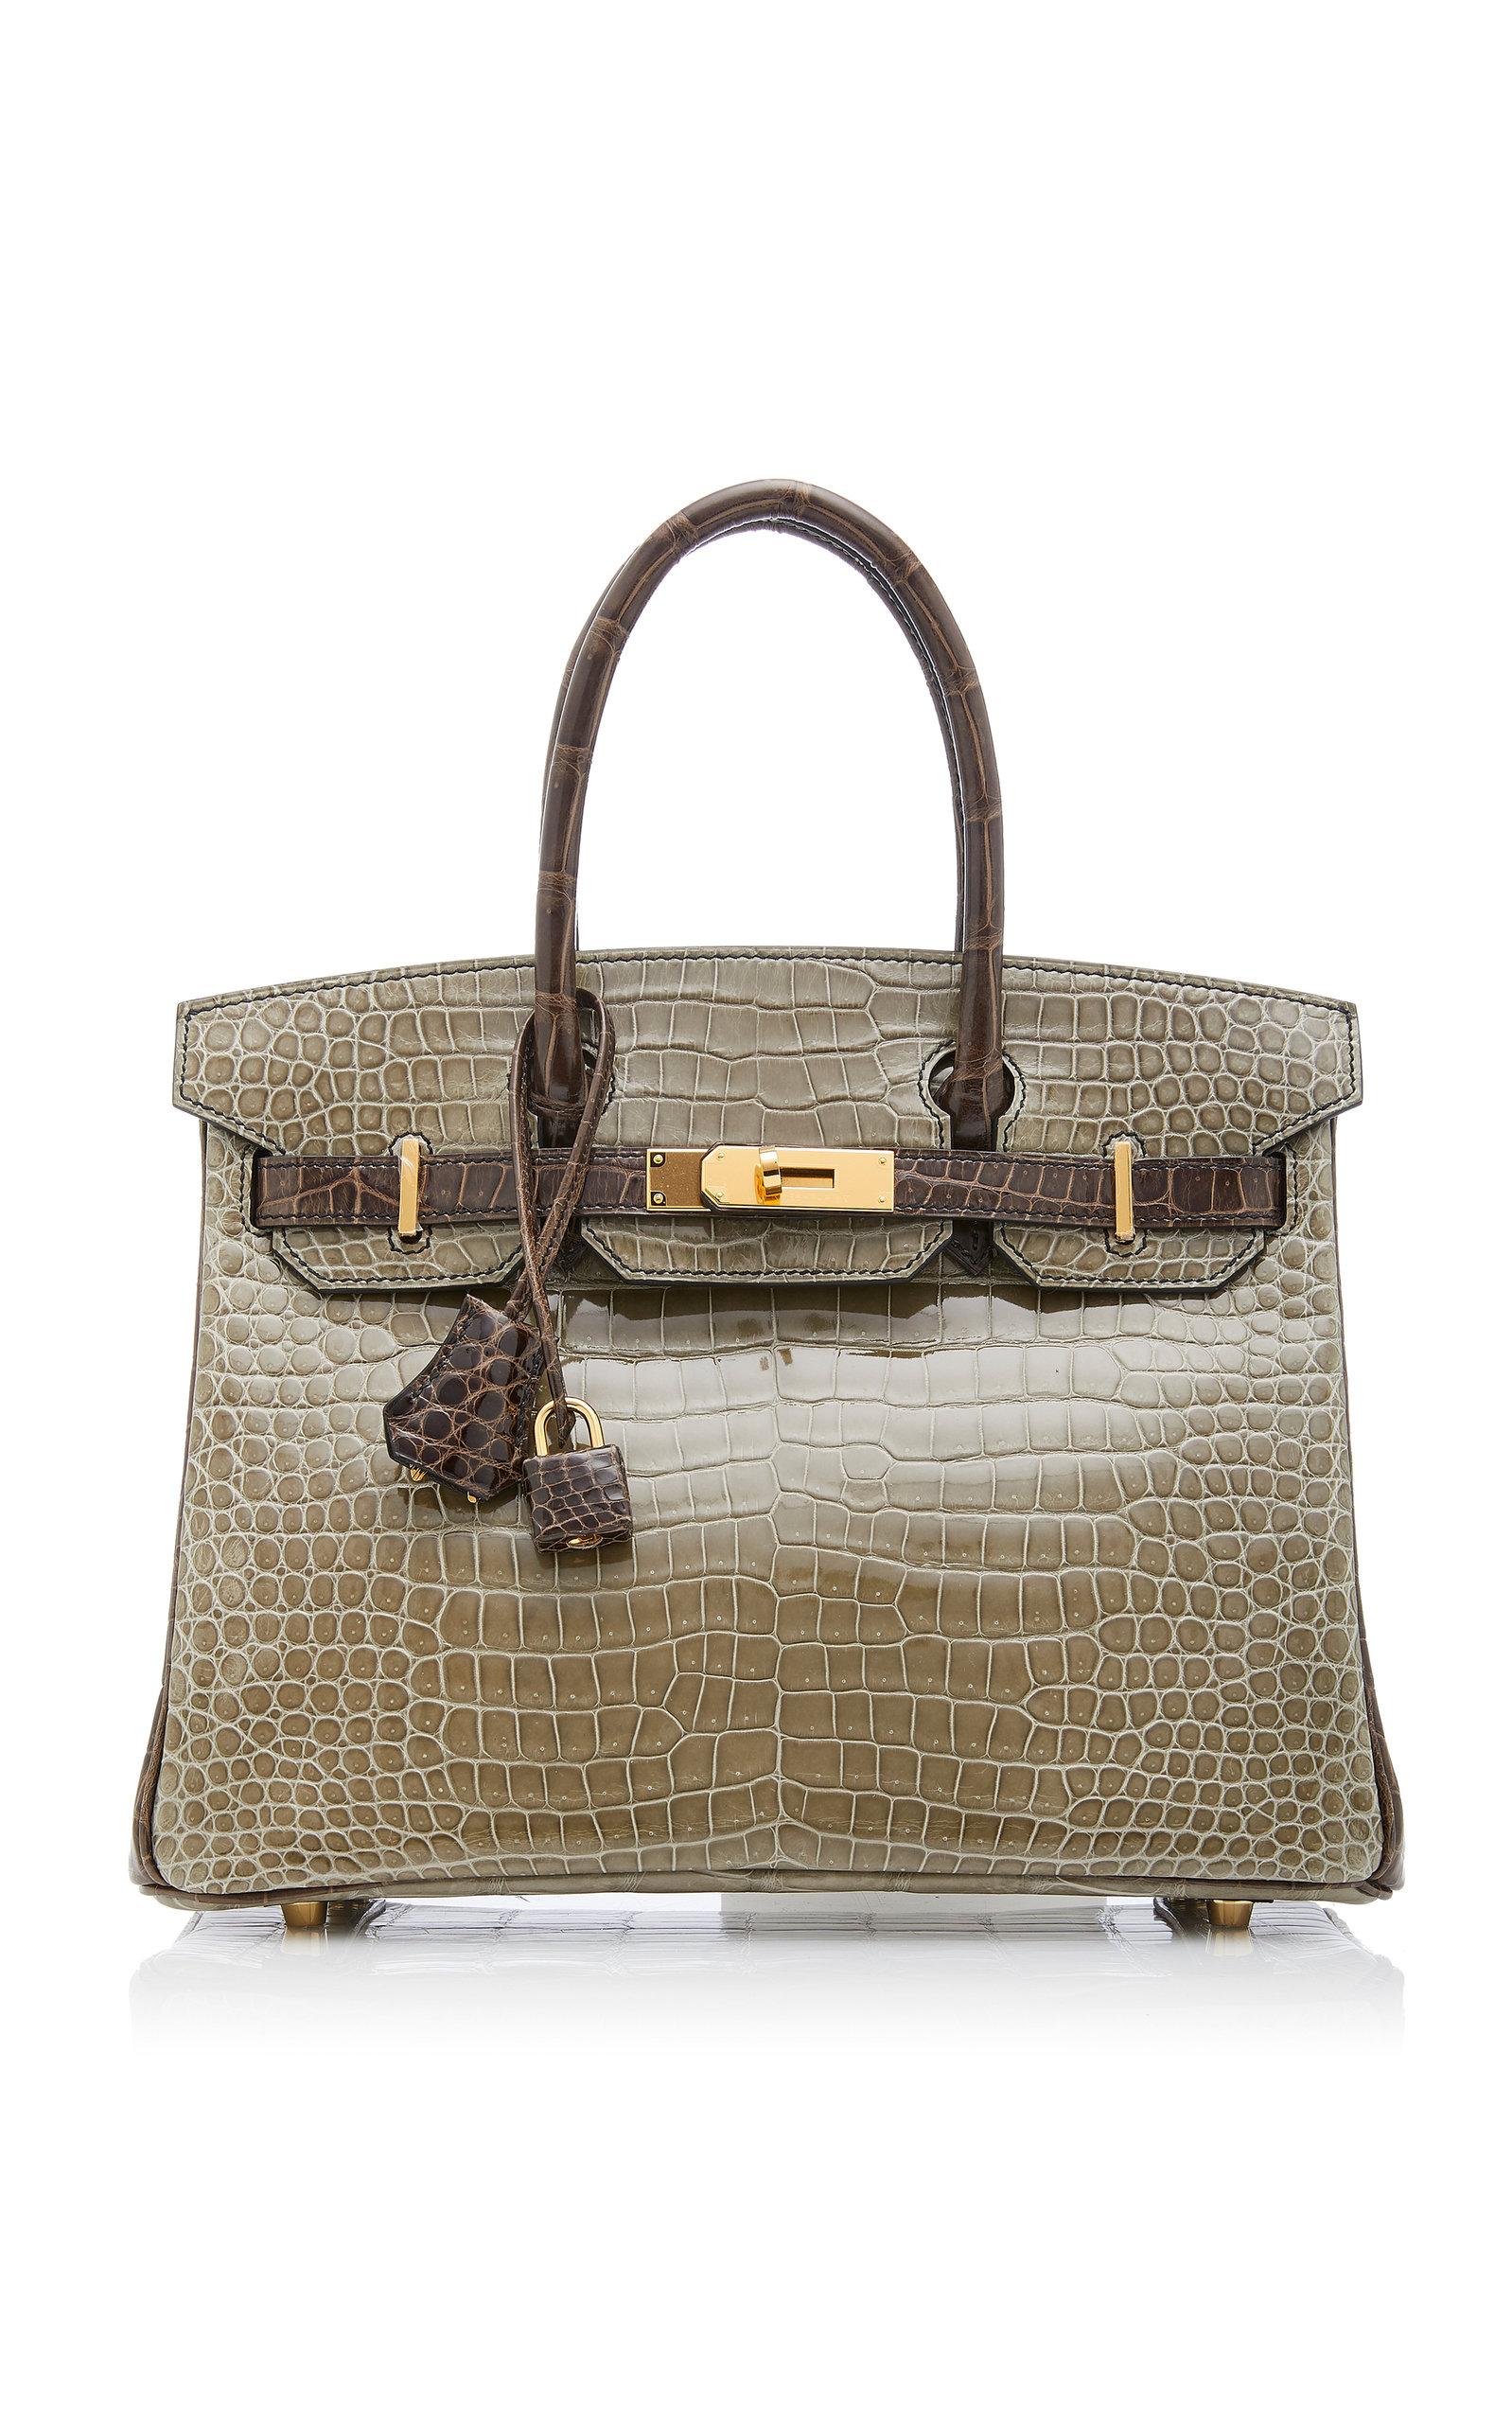 4b496513dd60 Hermès Vintage by Heritage AuctionsHermès 30cm Gris Elephant and Gris  Tourterelle Crocodile Birkin. CLOSE. Loading